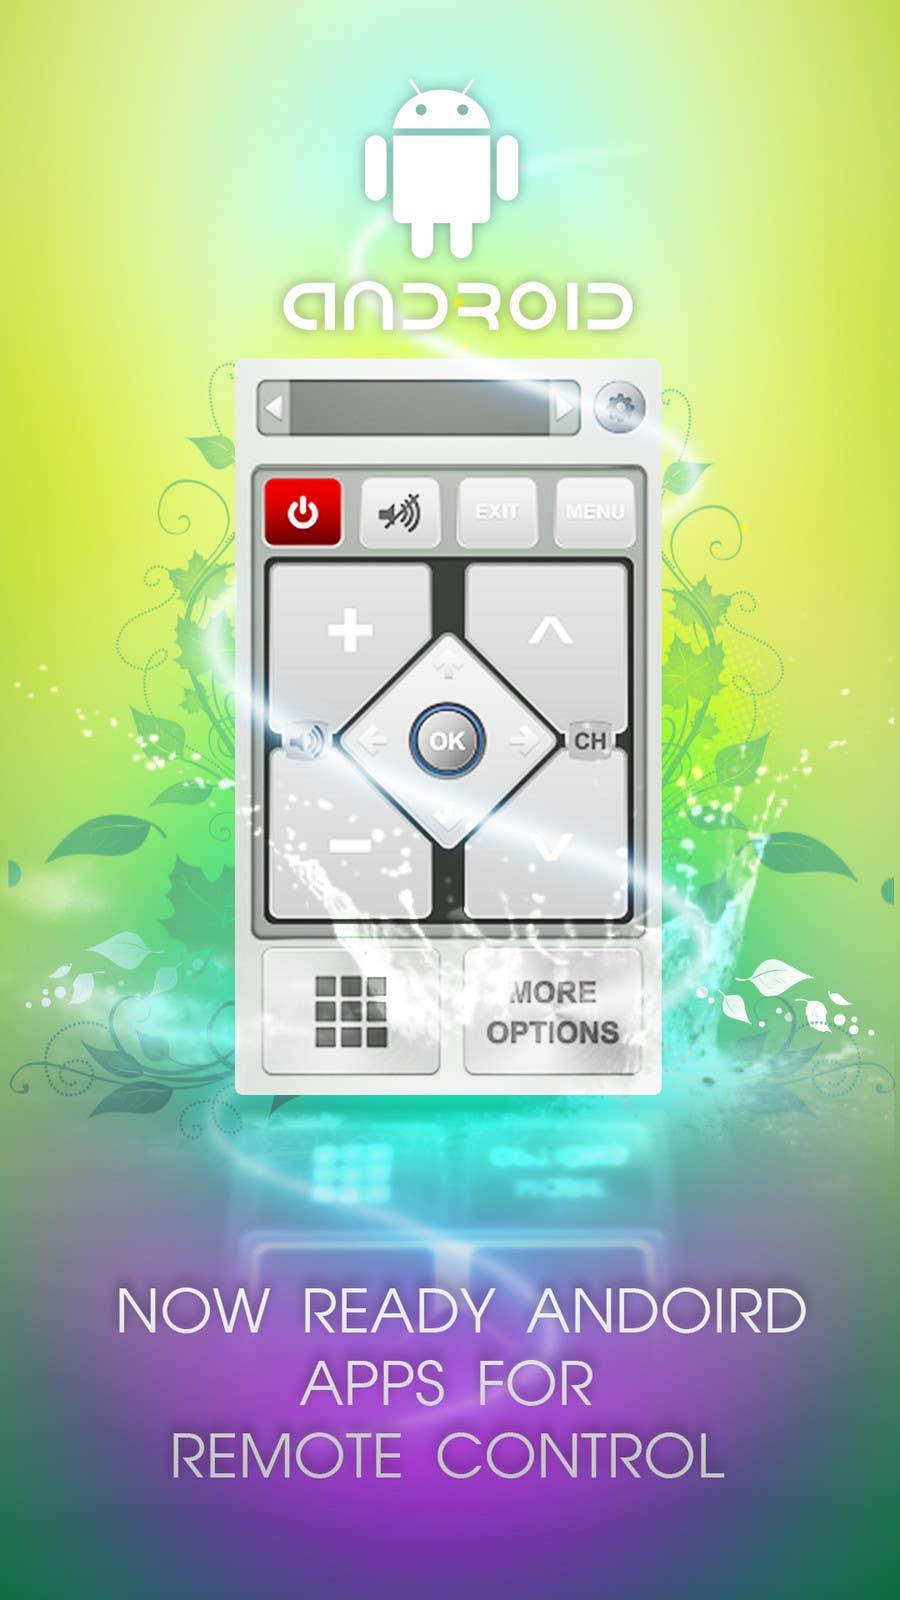 Bài tham dự cuộc thi #                                        102                                      cho                                         Splash Screen Design